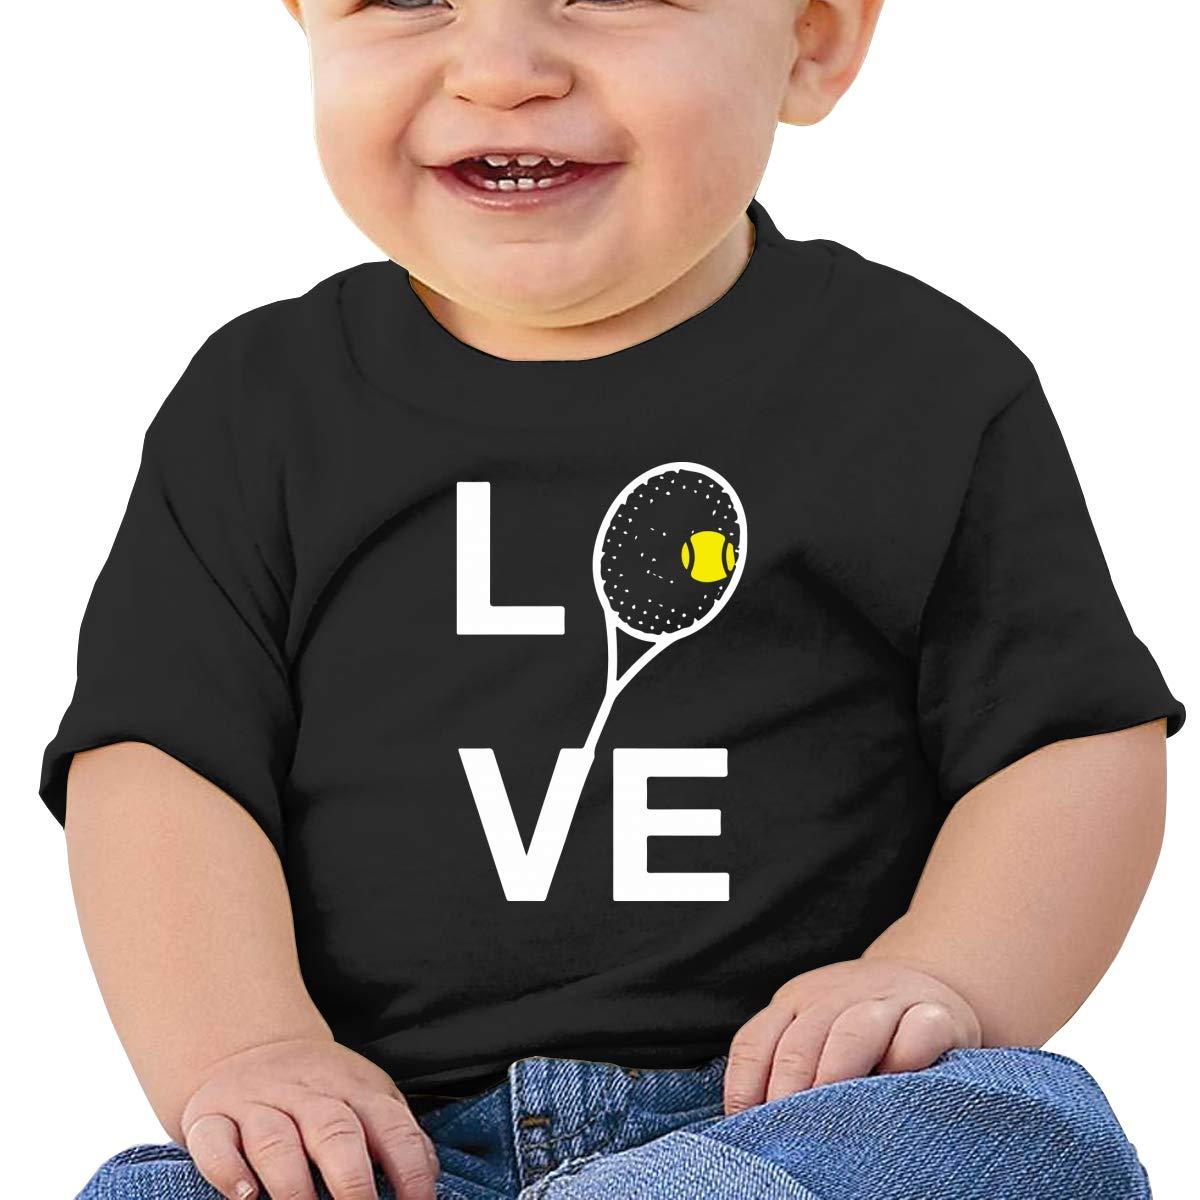 Ball and Racquet Newborn Baby Newborn Short Sleeve Tee Shirt 6-24 Month Soft Tops Love Tennis